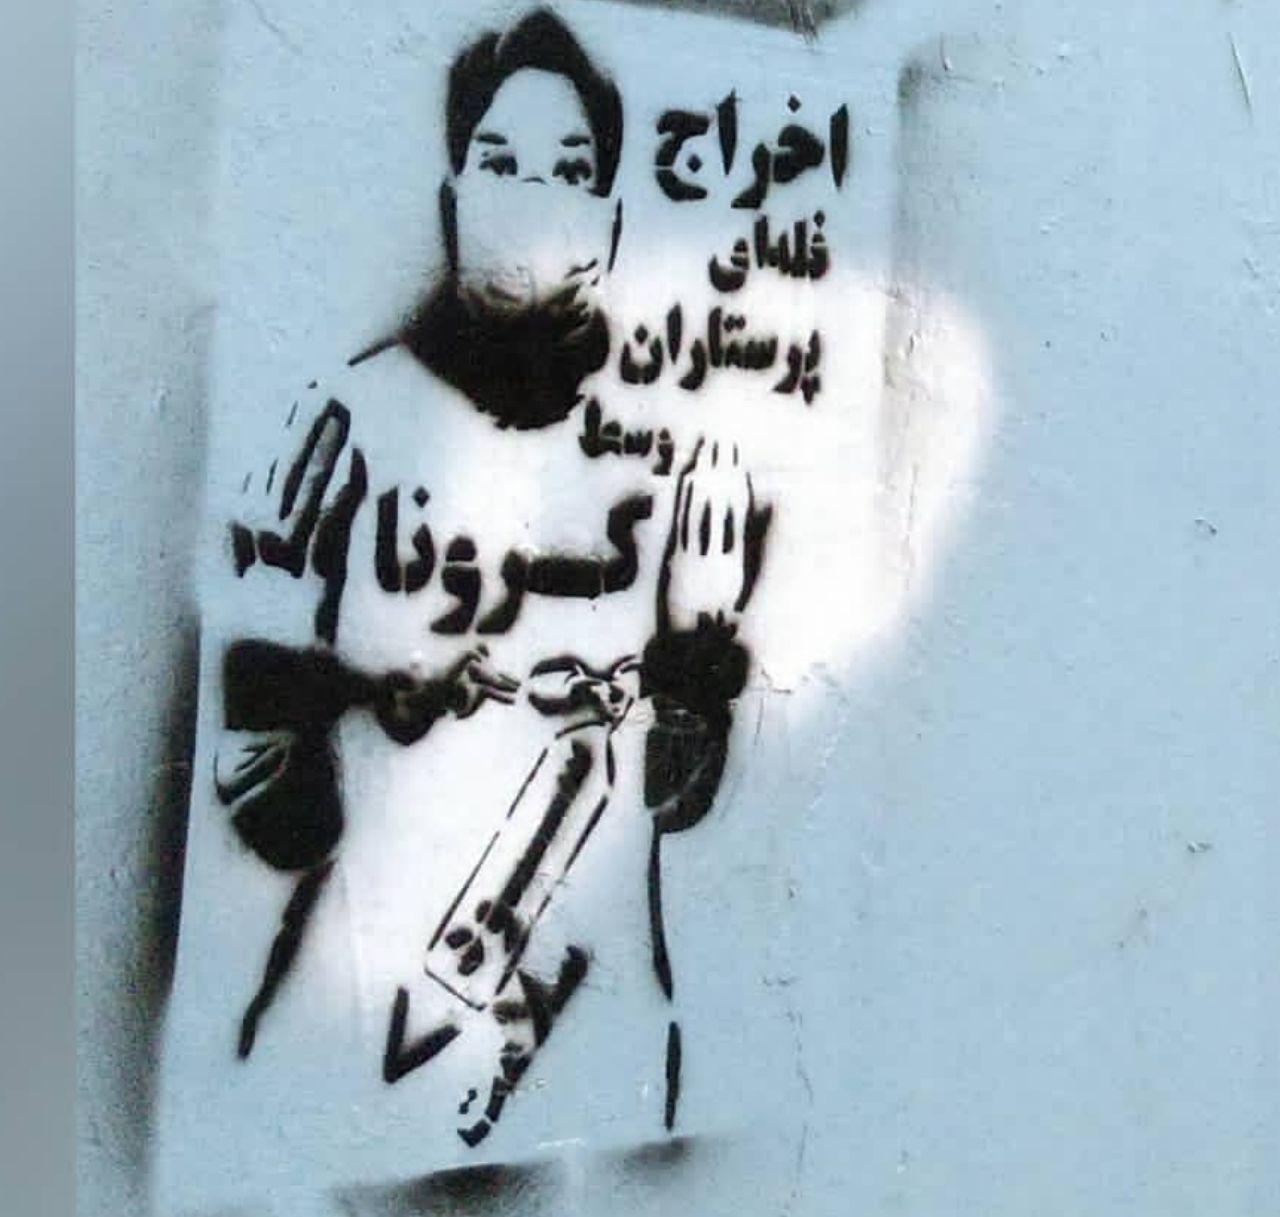 #الو گرافیتی تهران ۱۱ اردیبهش … 567801001588279804